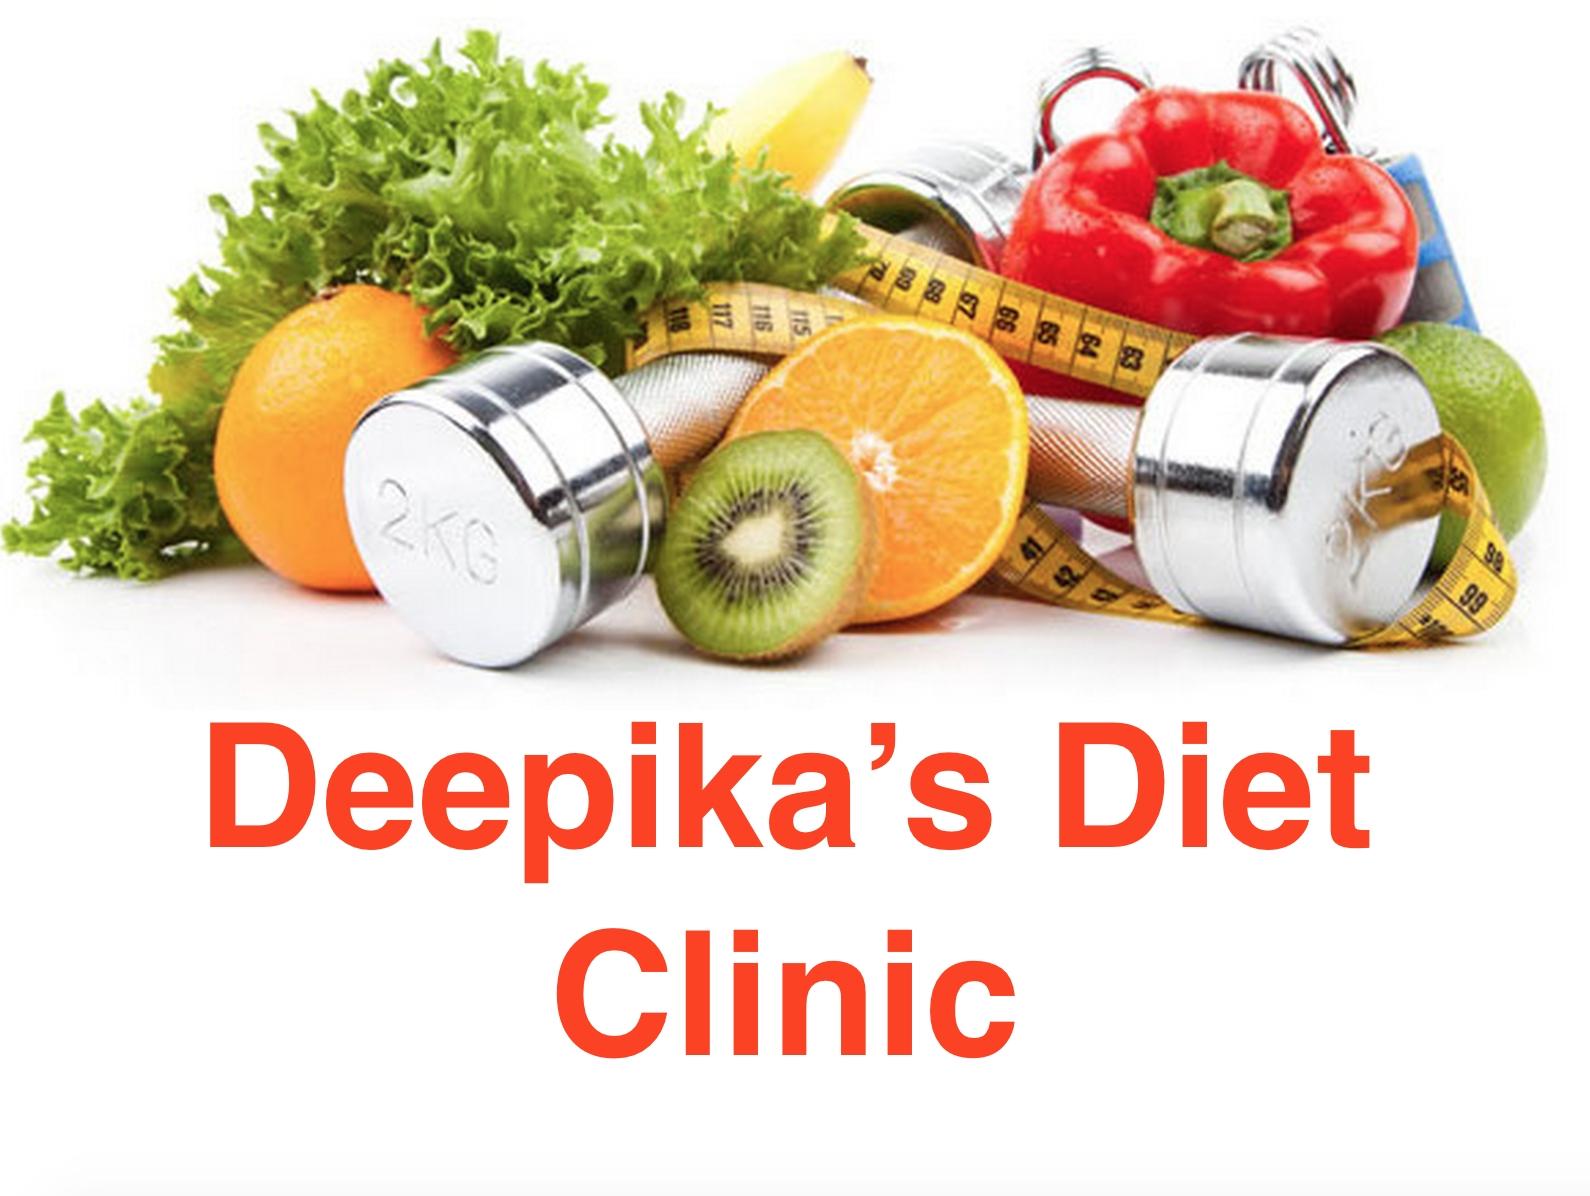 Deepika's Diet Clinic